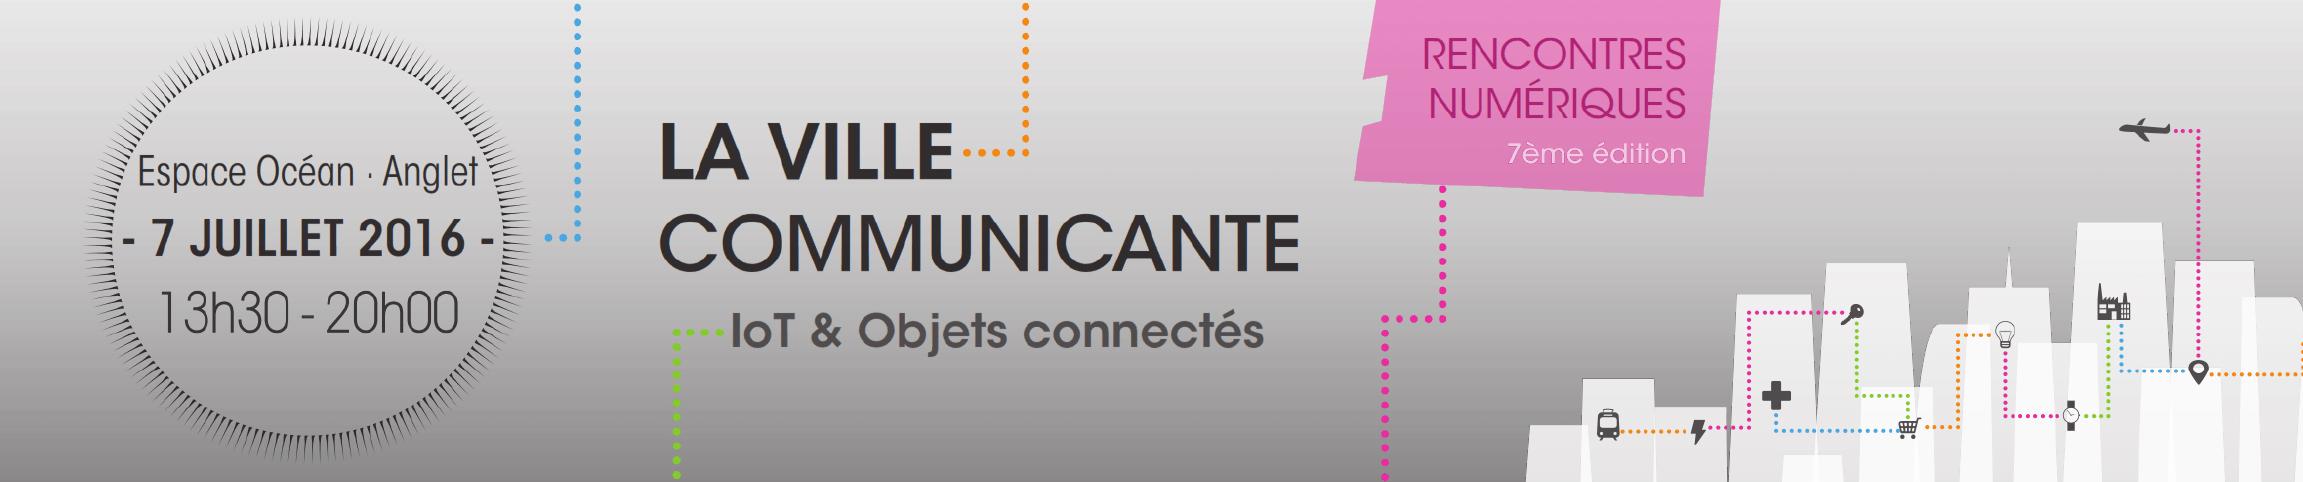 LETTRE_La ville communicante.png